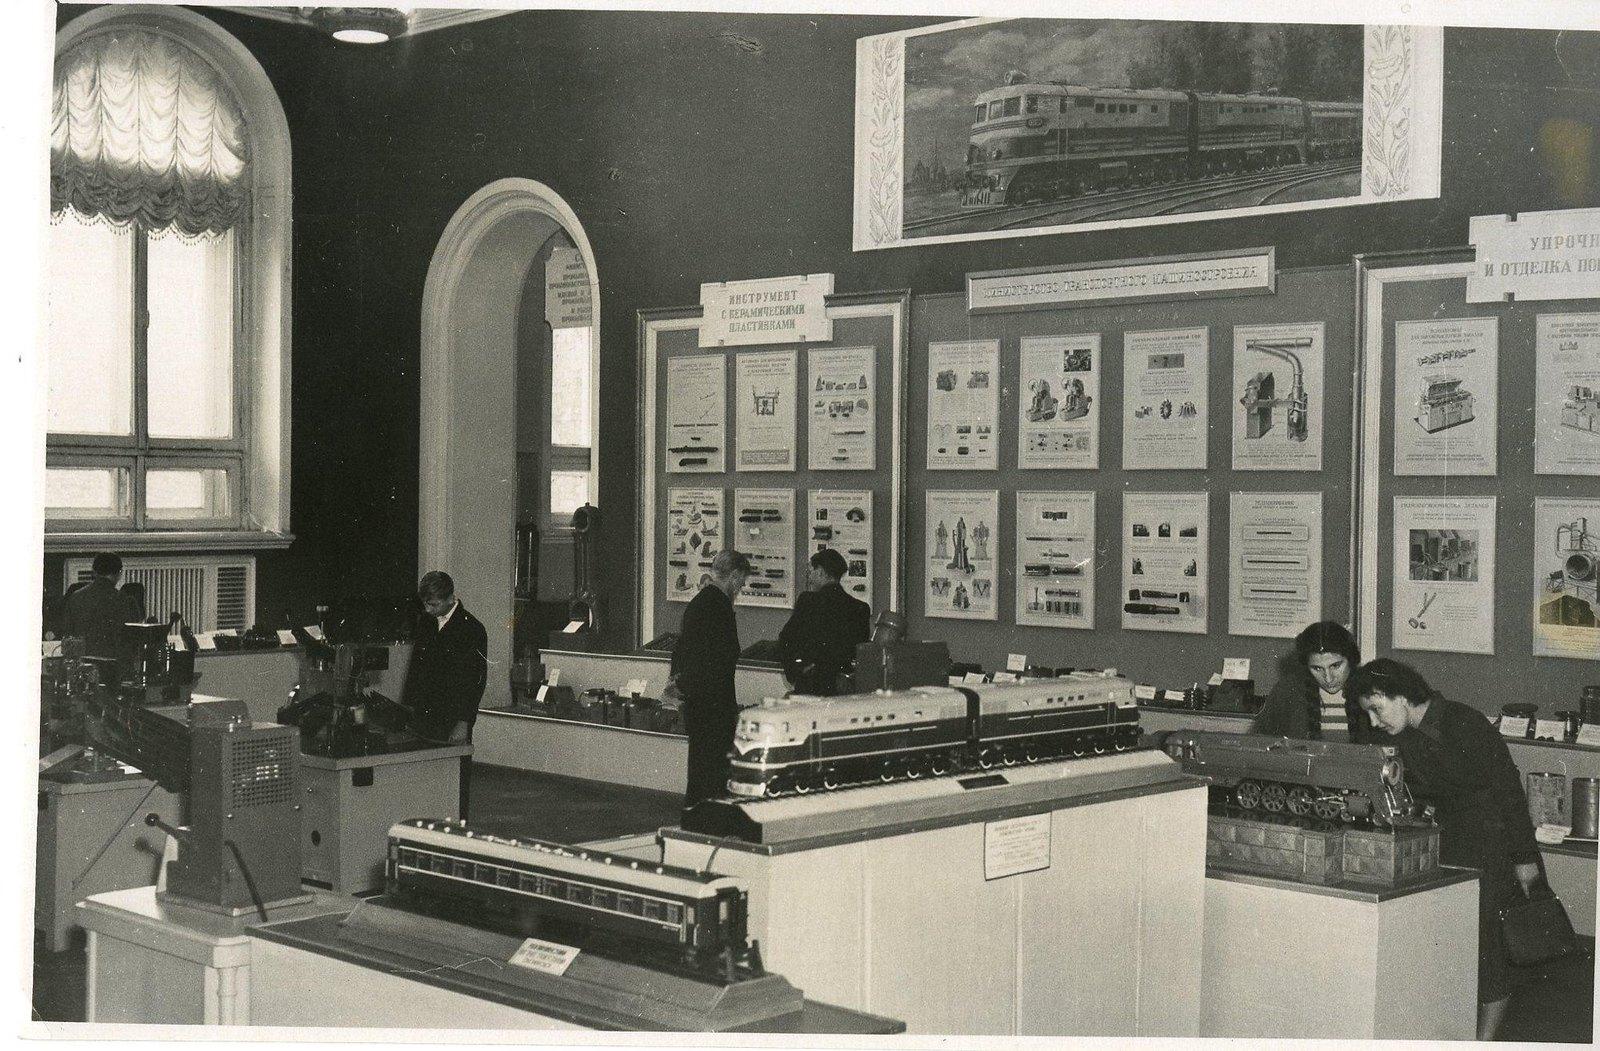 1955. Политехнический музей. Экспозиция на тему «Новая техника и передовая технология в машиностроении»